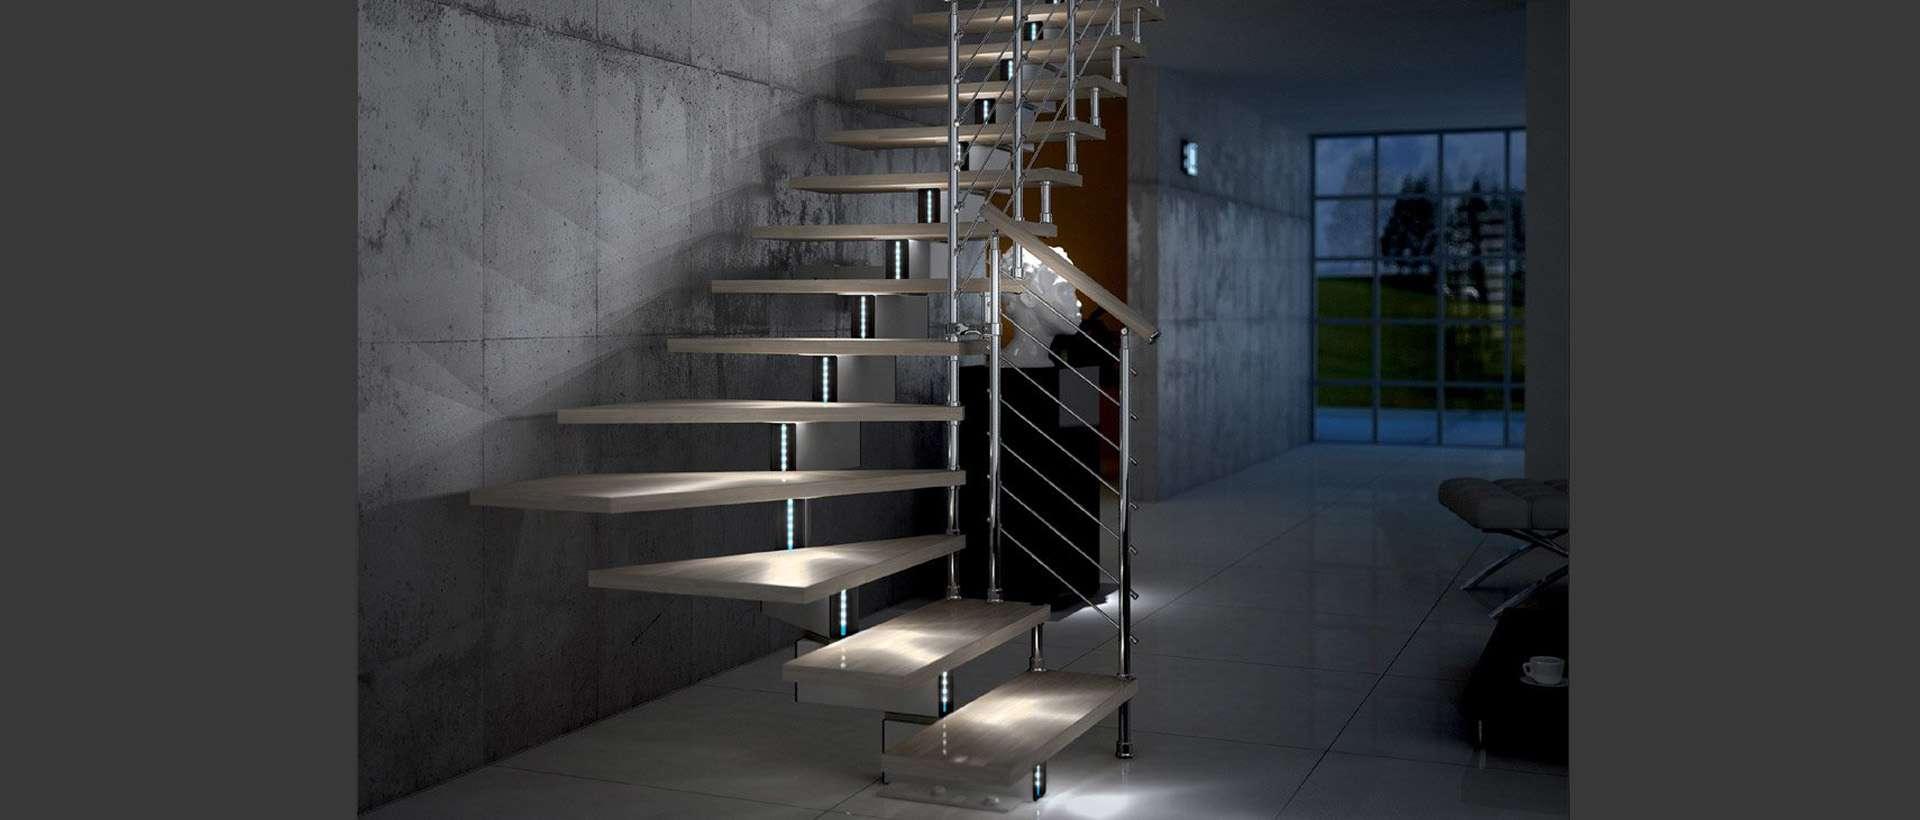 Escalier Modulaire Pas Cher ᐅ mobirolo - escaliers pour intérieur, escaliers design